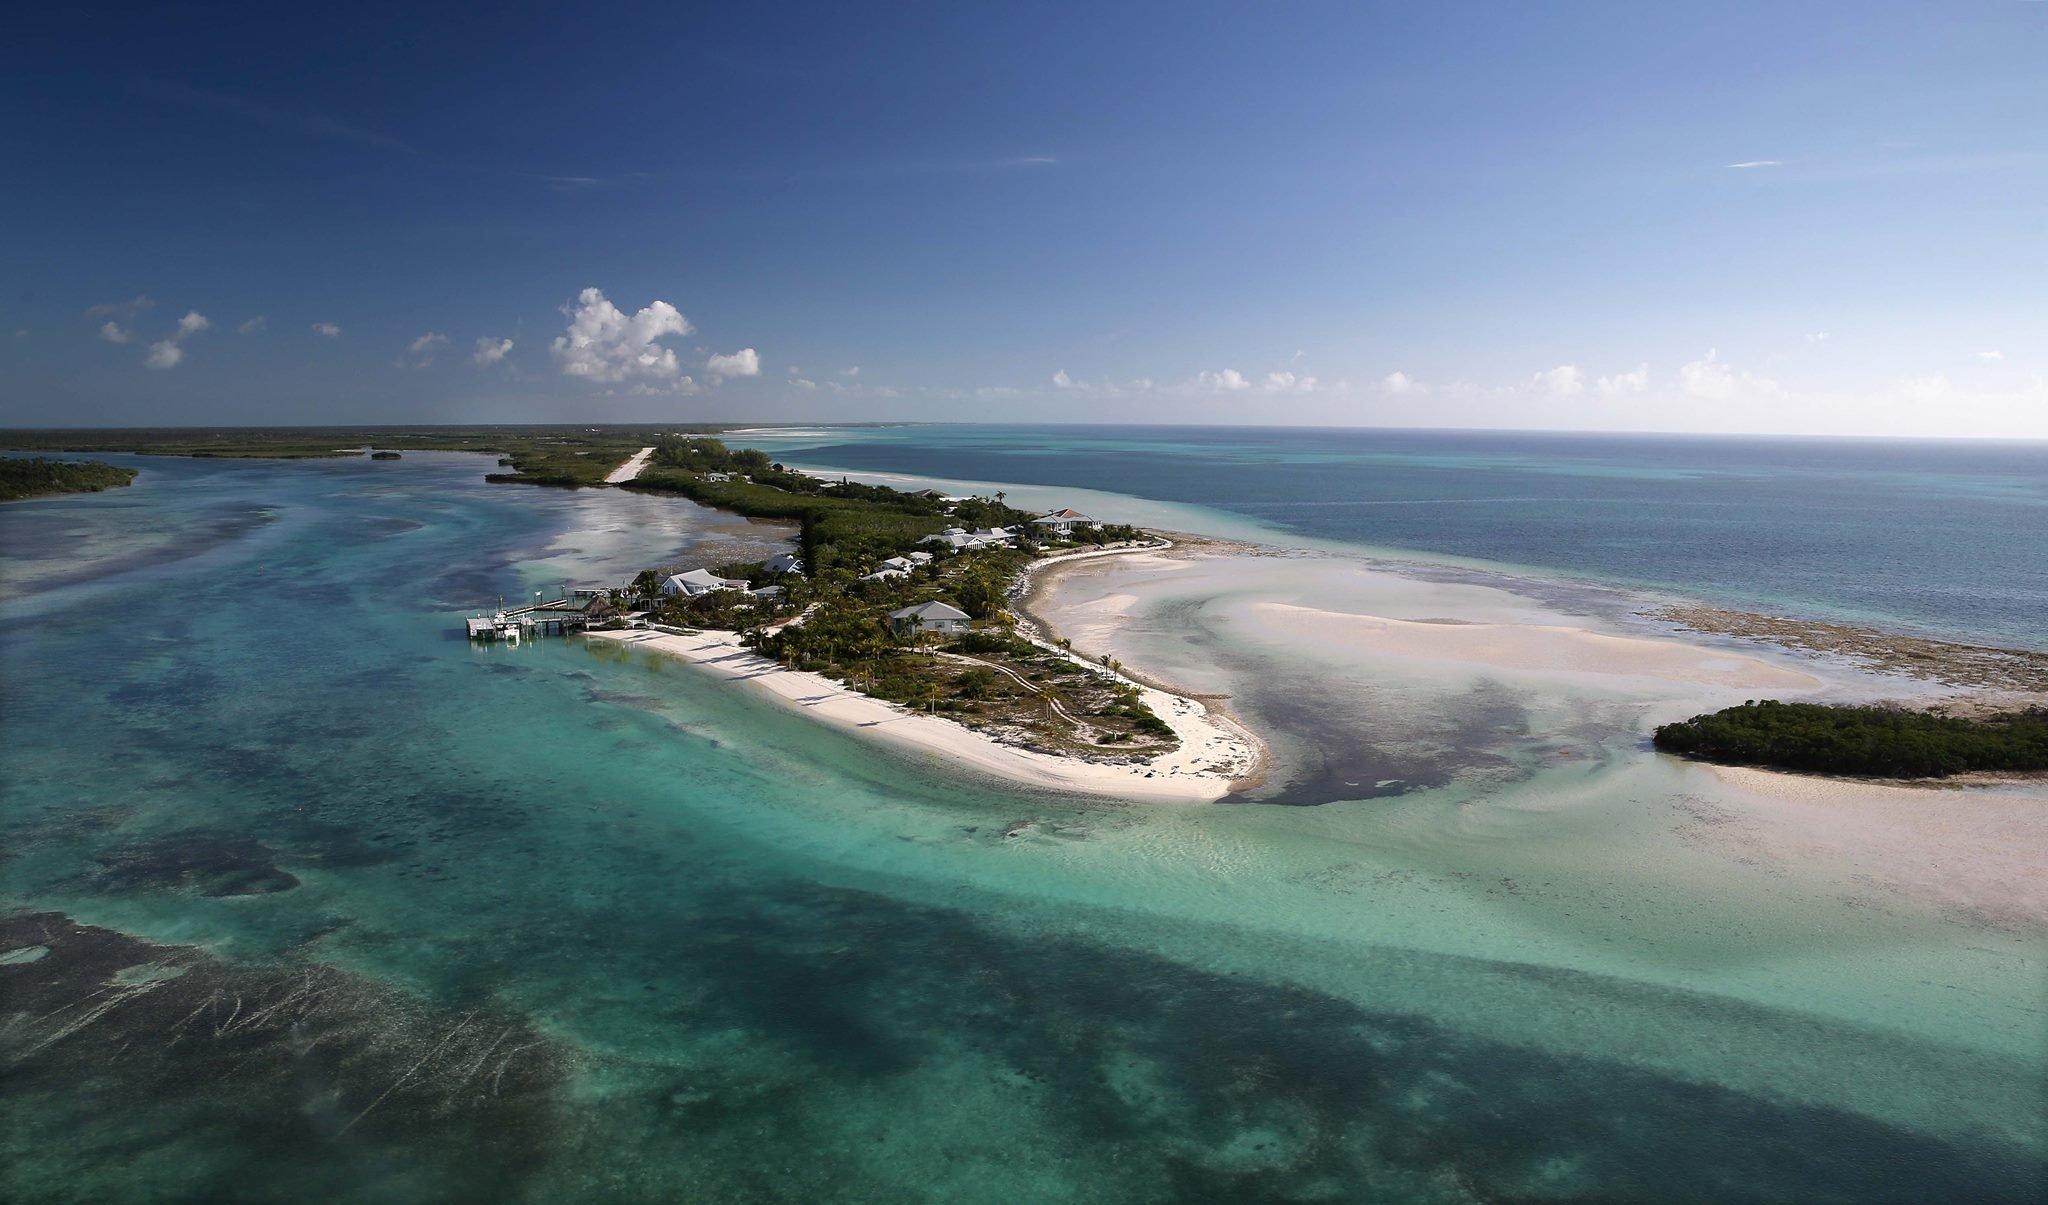 Deep Water Cay island